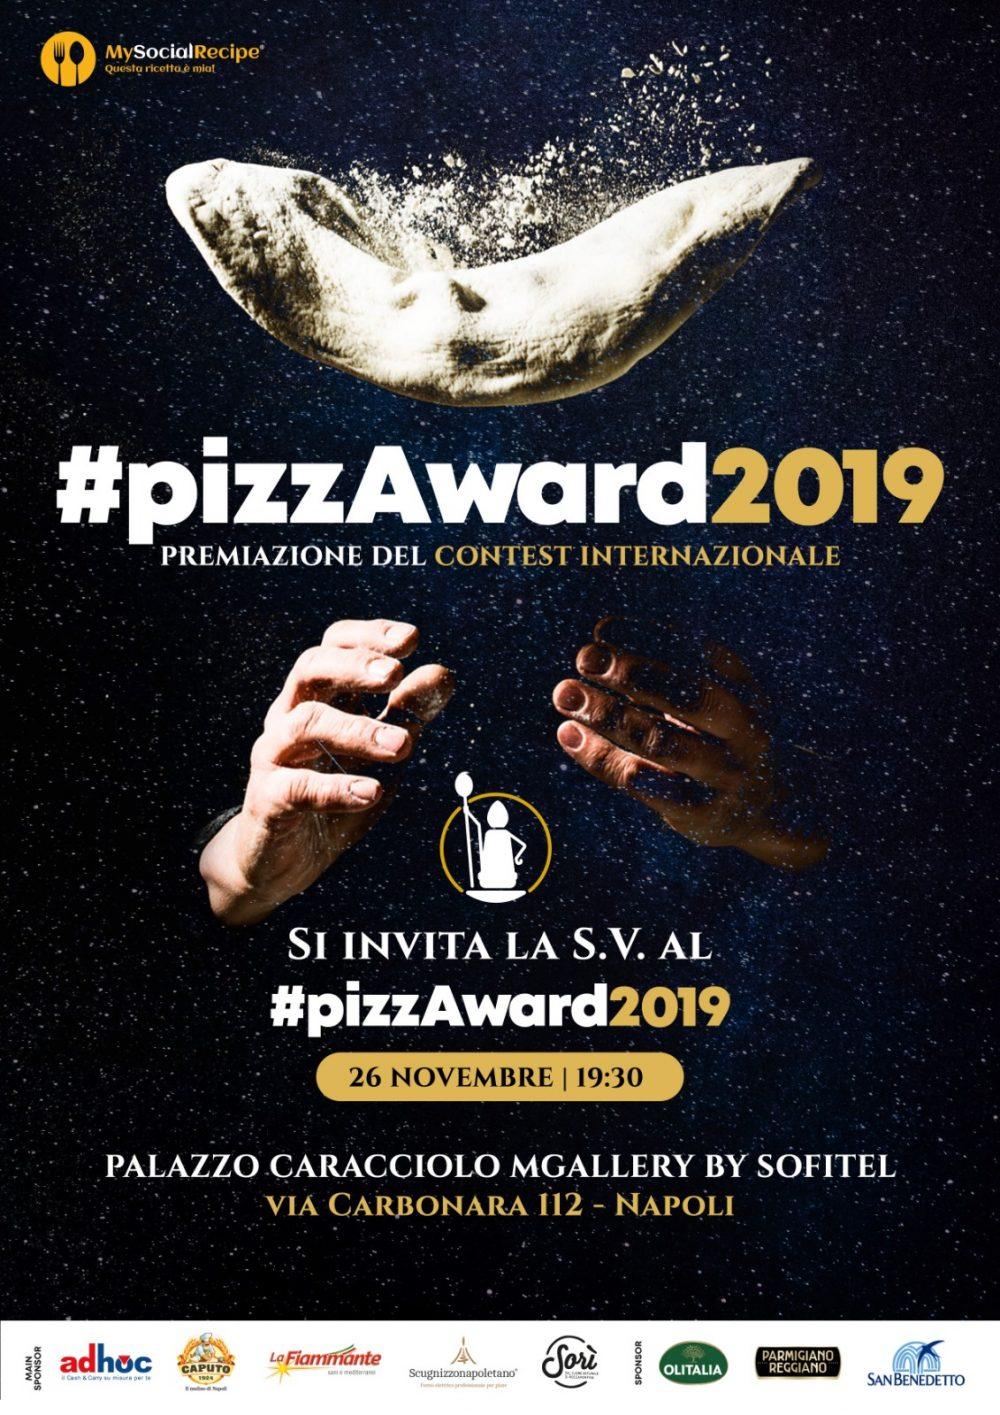 Invito premiazione #pizzAward 26 novembre